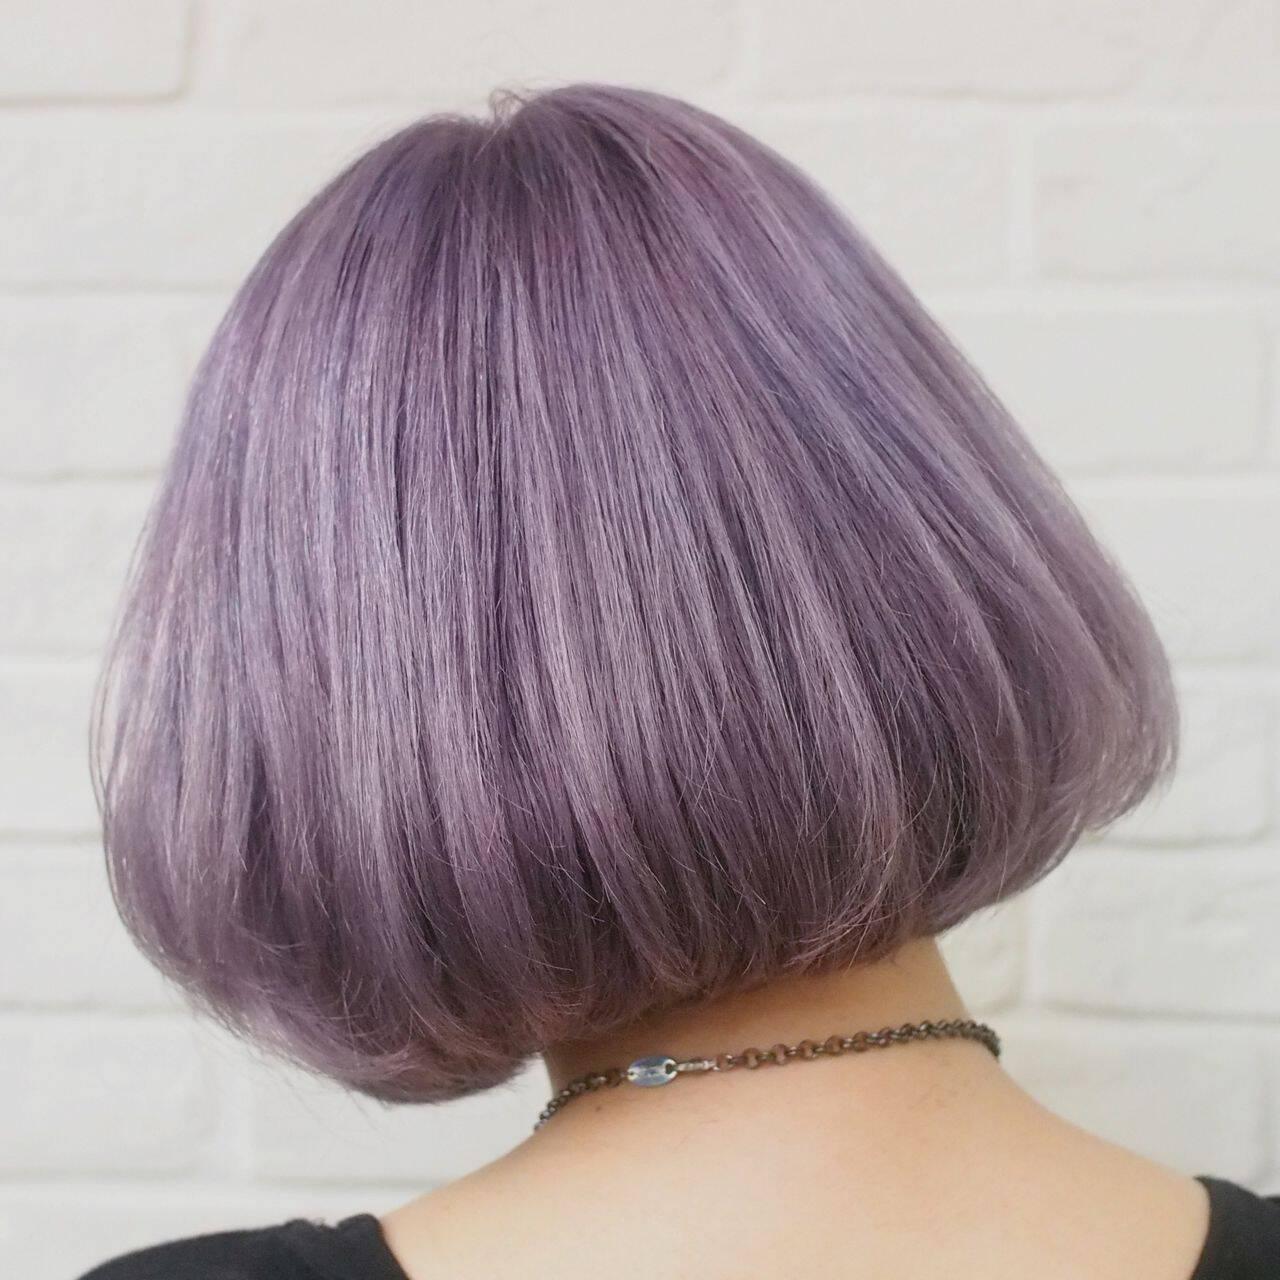 ラベンダーアッシュ ハイトーン ストリート パープルヘアスタイルや髪型の写真・画像